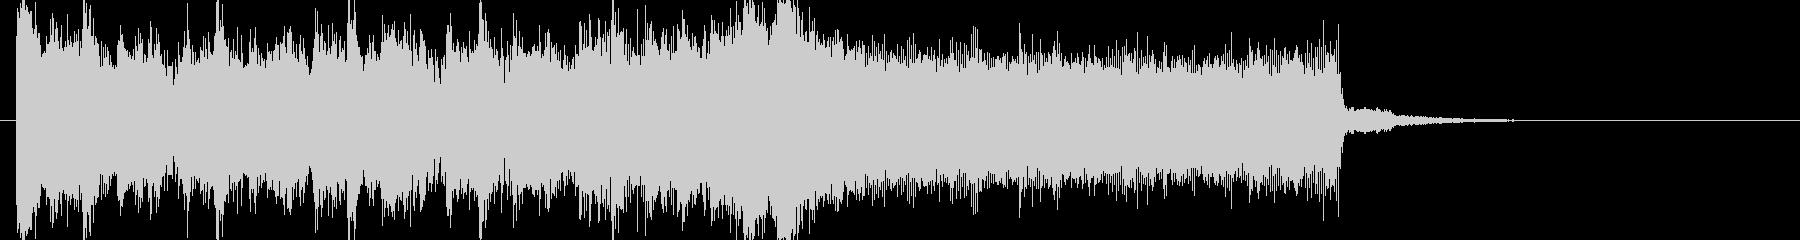 アイドルキラキラポップ4つ打ちジングルcの未再生の波形